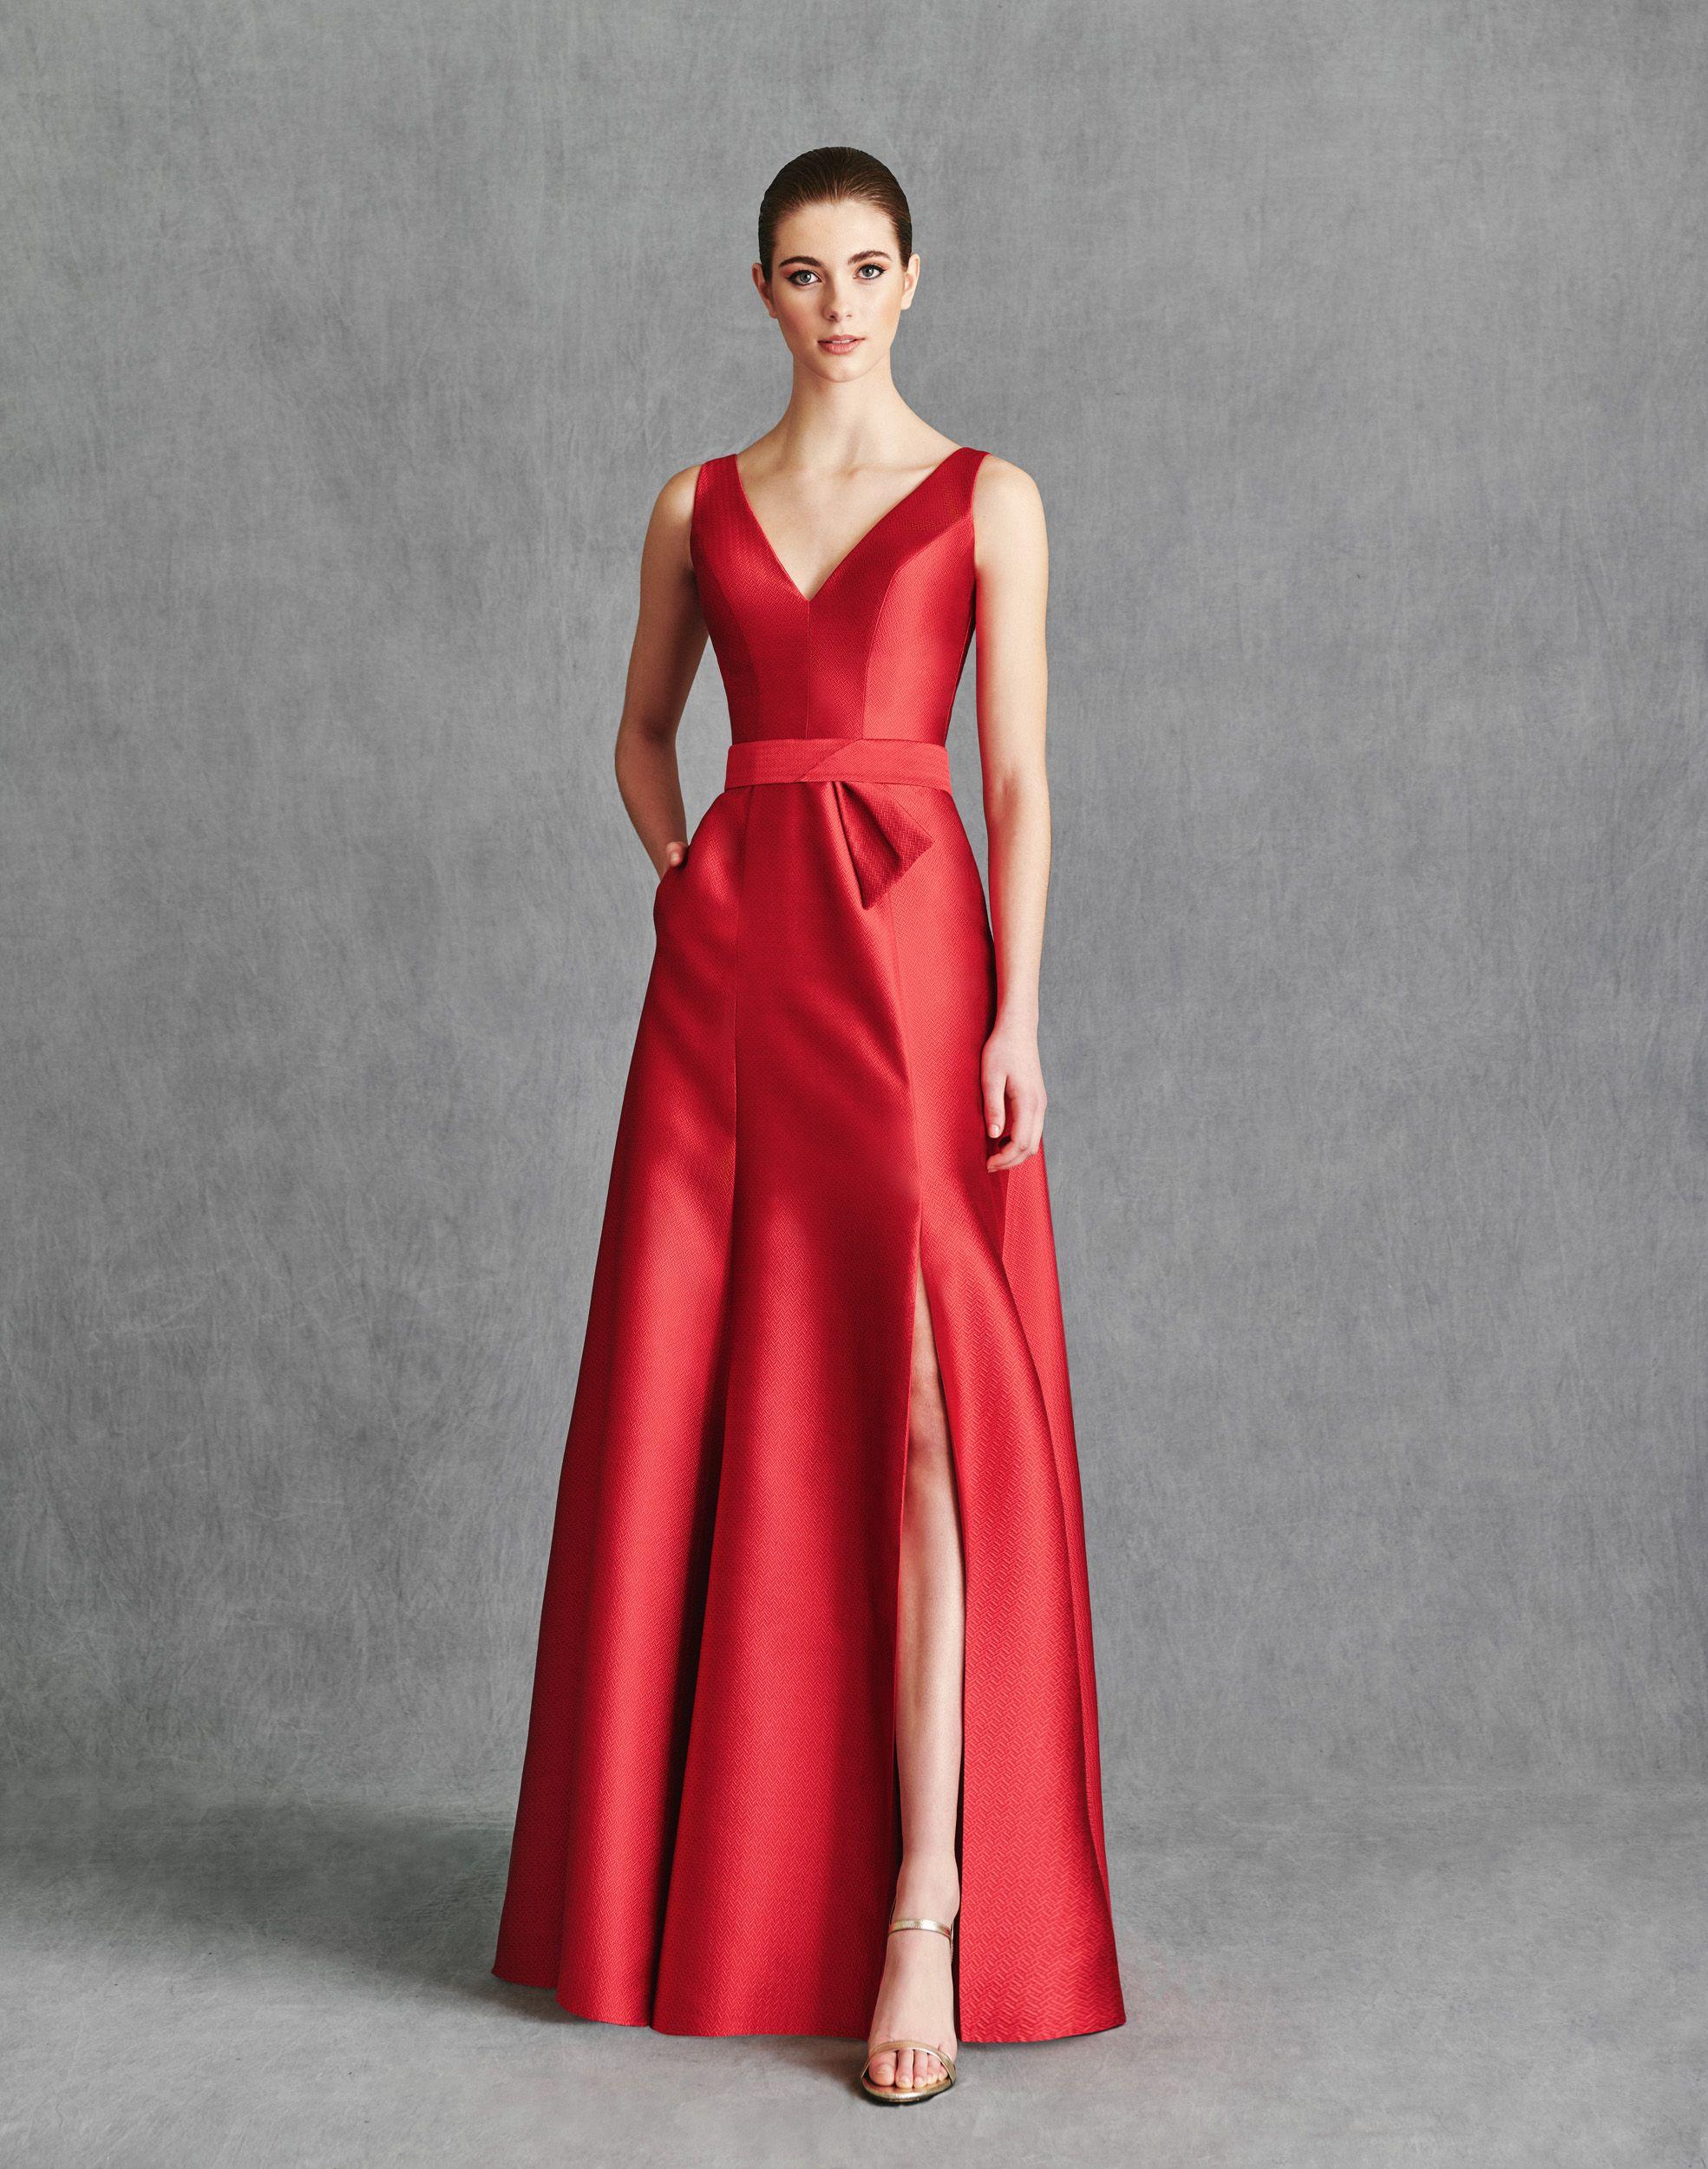 Vestidos de Fiesta 2020 - Silvia Fernandez Atelier - ILLINOIS